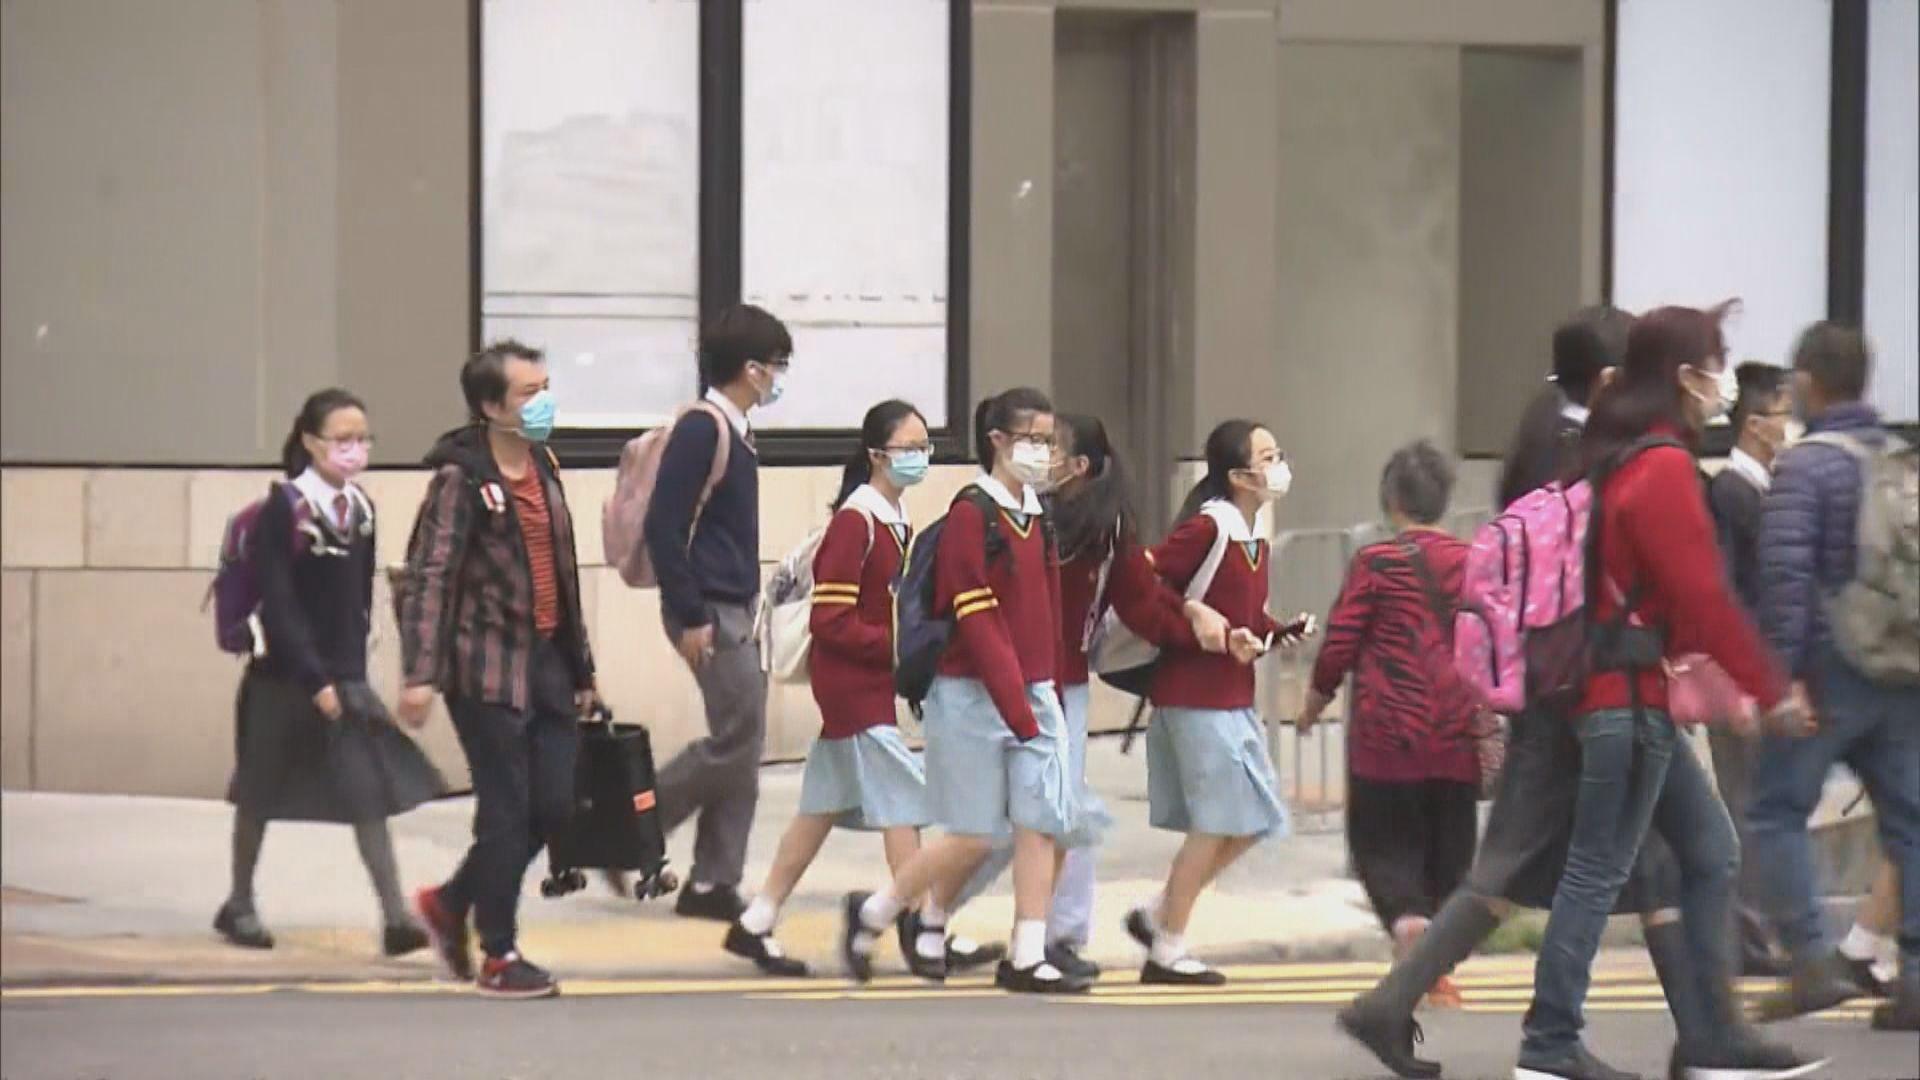 中小學周三停課 家長學生憂影響進度